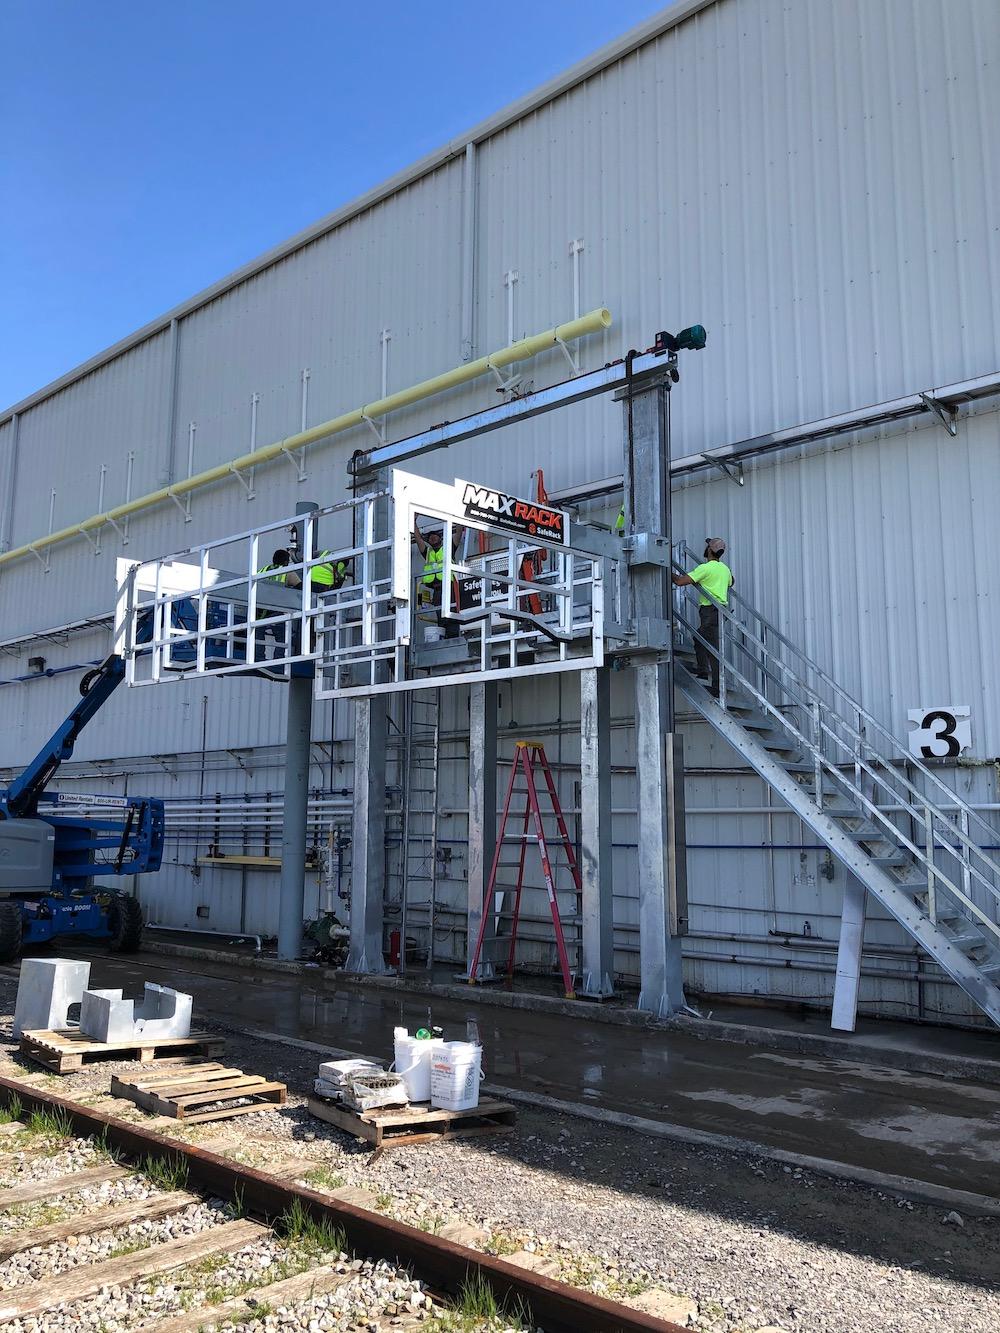 MaxRack Installation for Bulk Chemical Loading